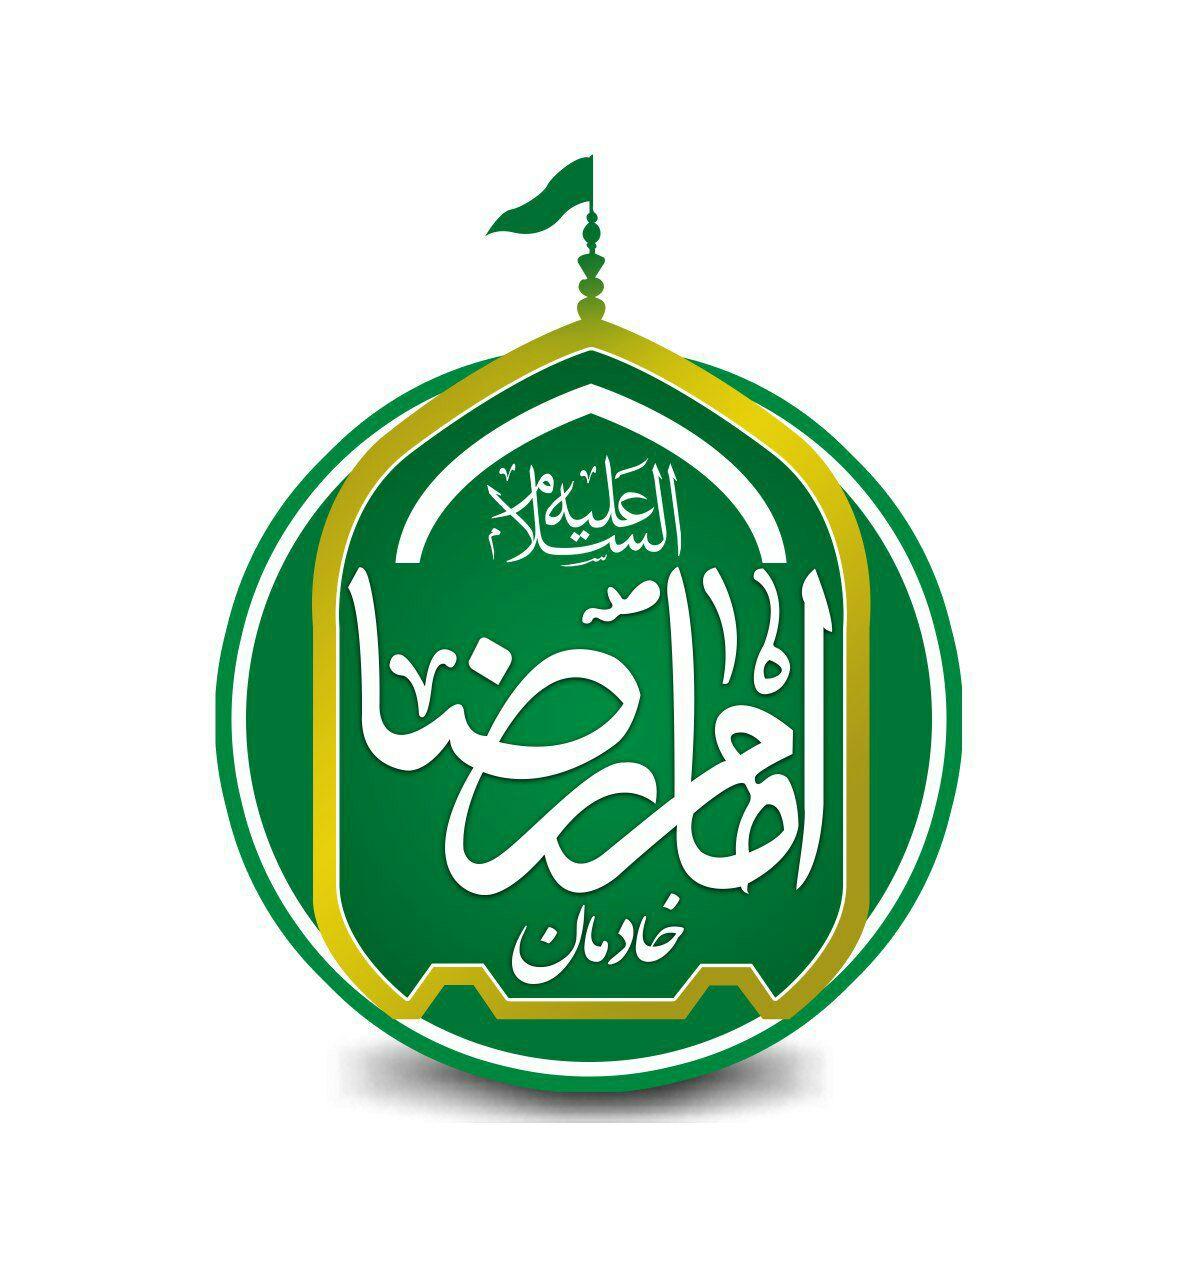 روابط عمومی وکانون خبر ورسانه کانون مرکزی خادمیاران رضوی شهرستان آمل